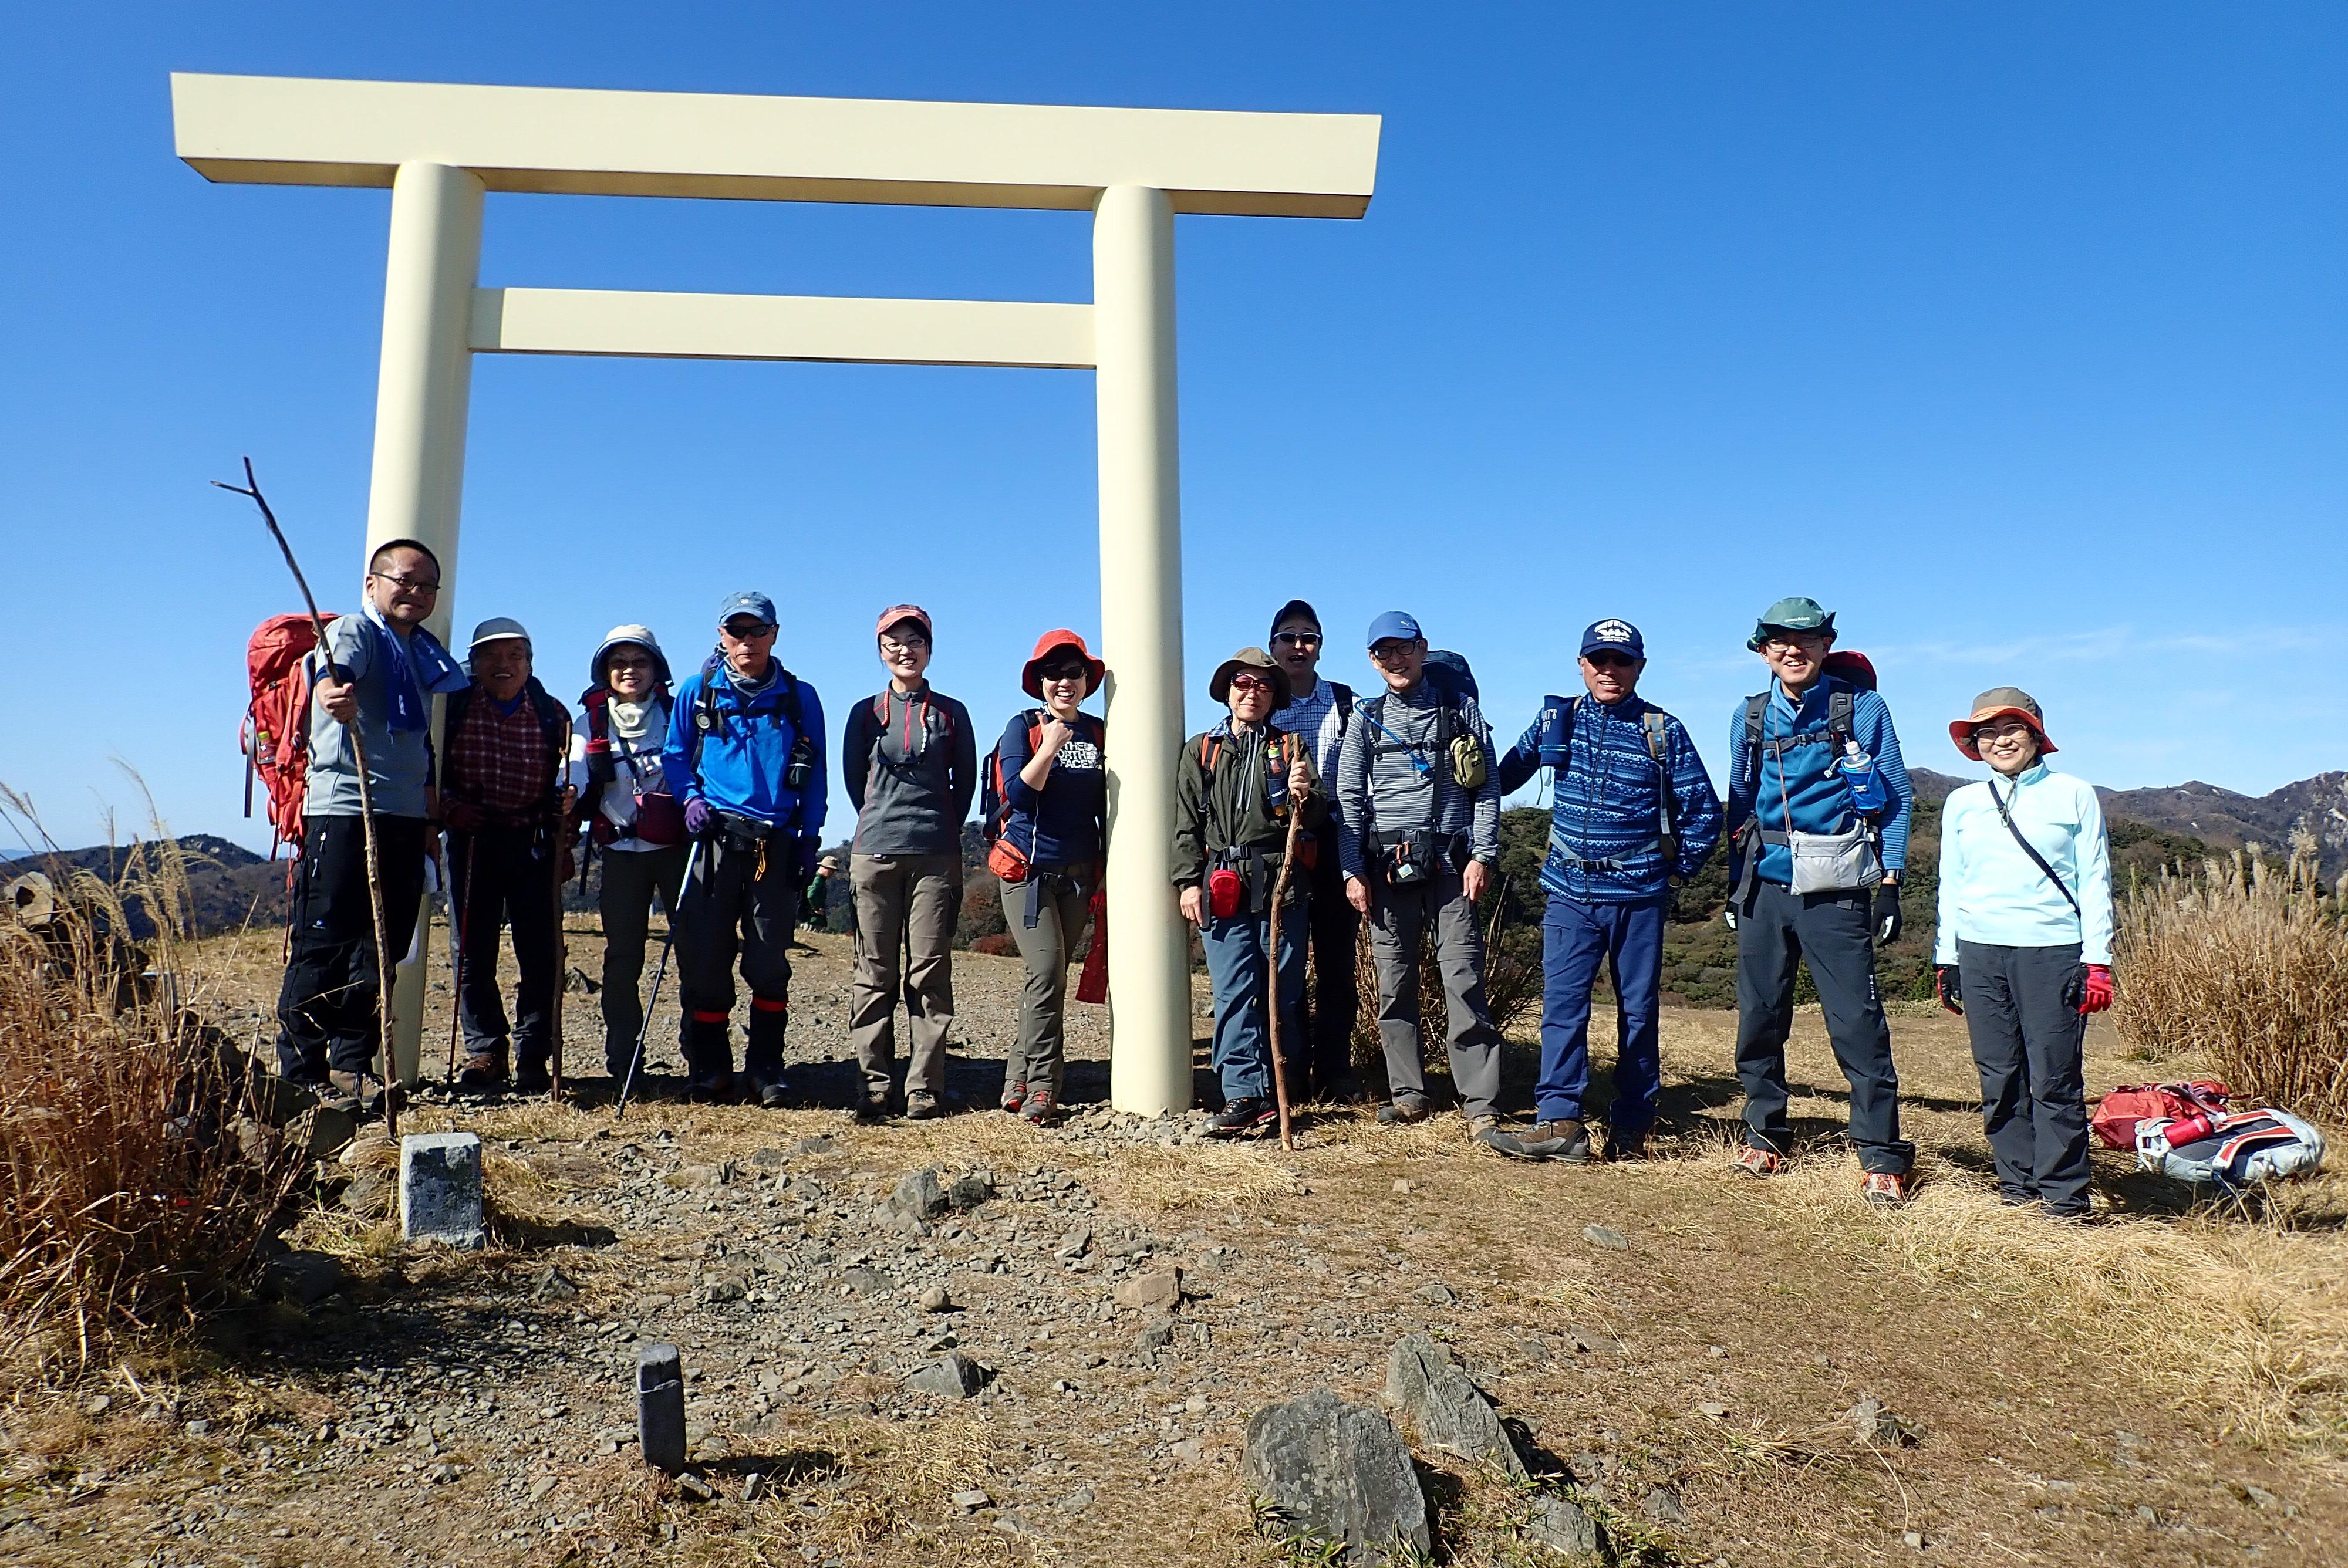 2019/11/9-10入道ヶ岳&剛ちゃんプロジェクト